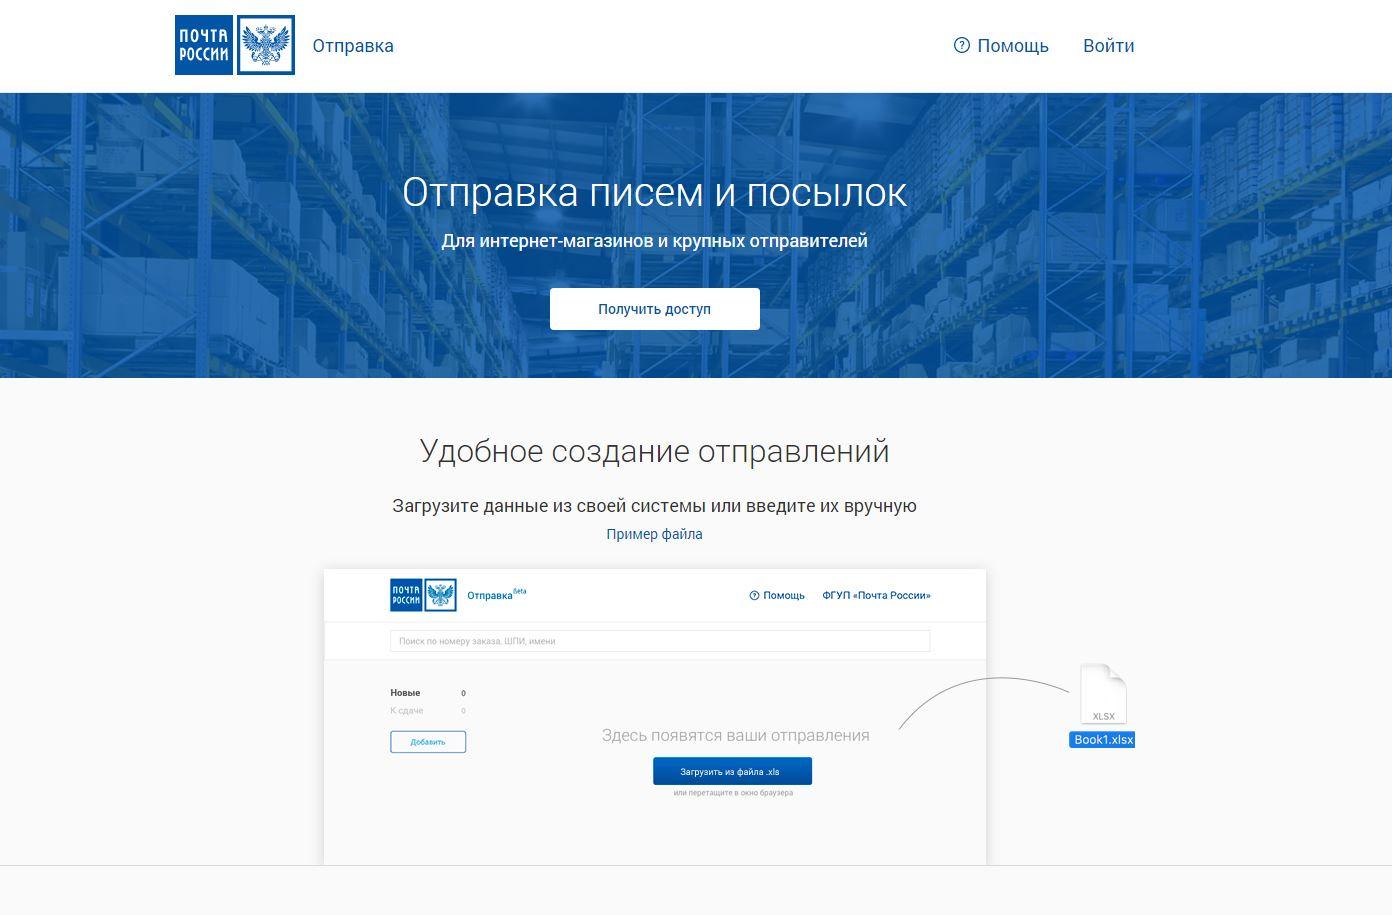 Почта России вход в личный кабинет